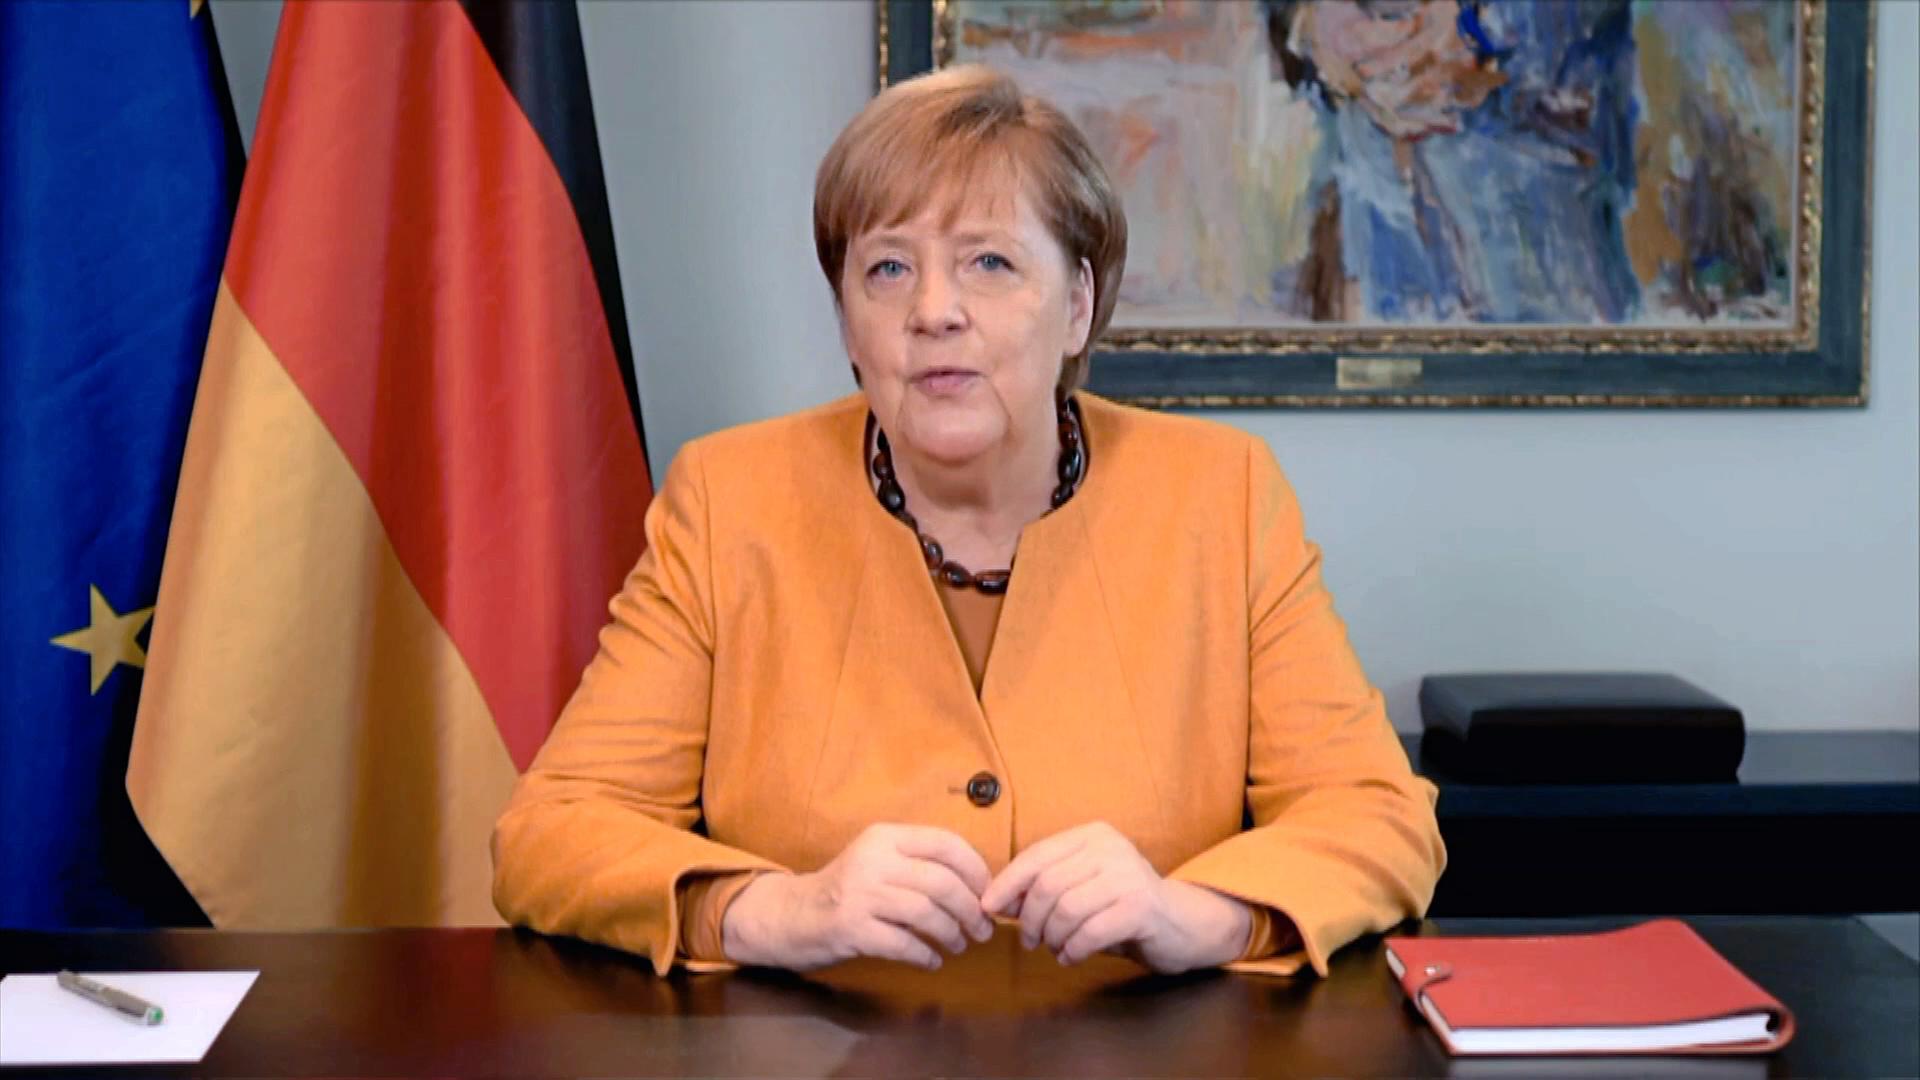 """Merkel-Appell: """"Wir sind nicht machtlos gegen das Virus"""" - ZDFheute"""